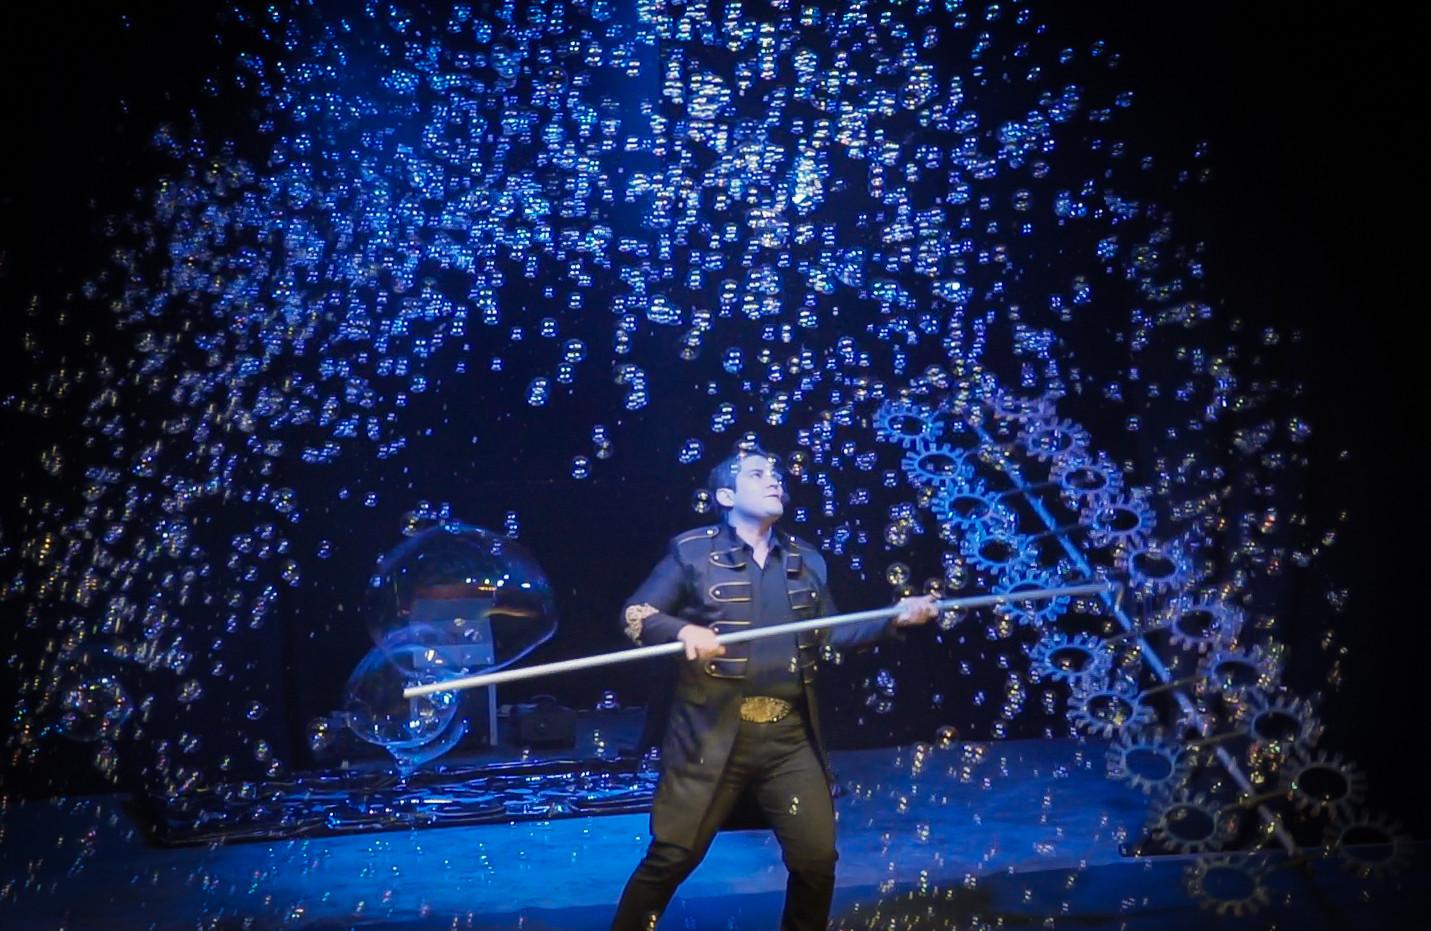 Show de Burbujas - Biondi (18 de 31).jpg